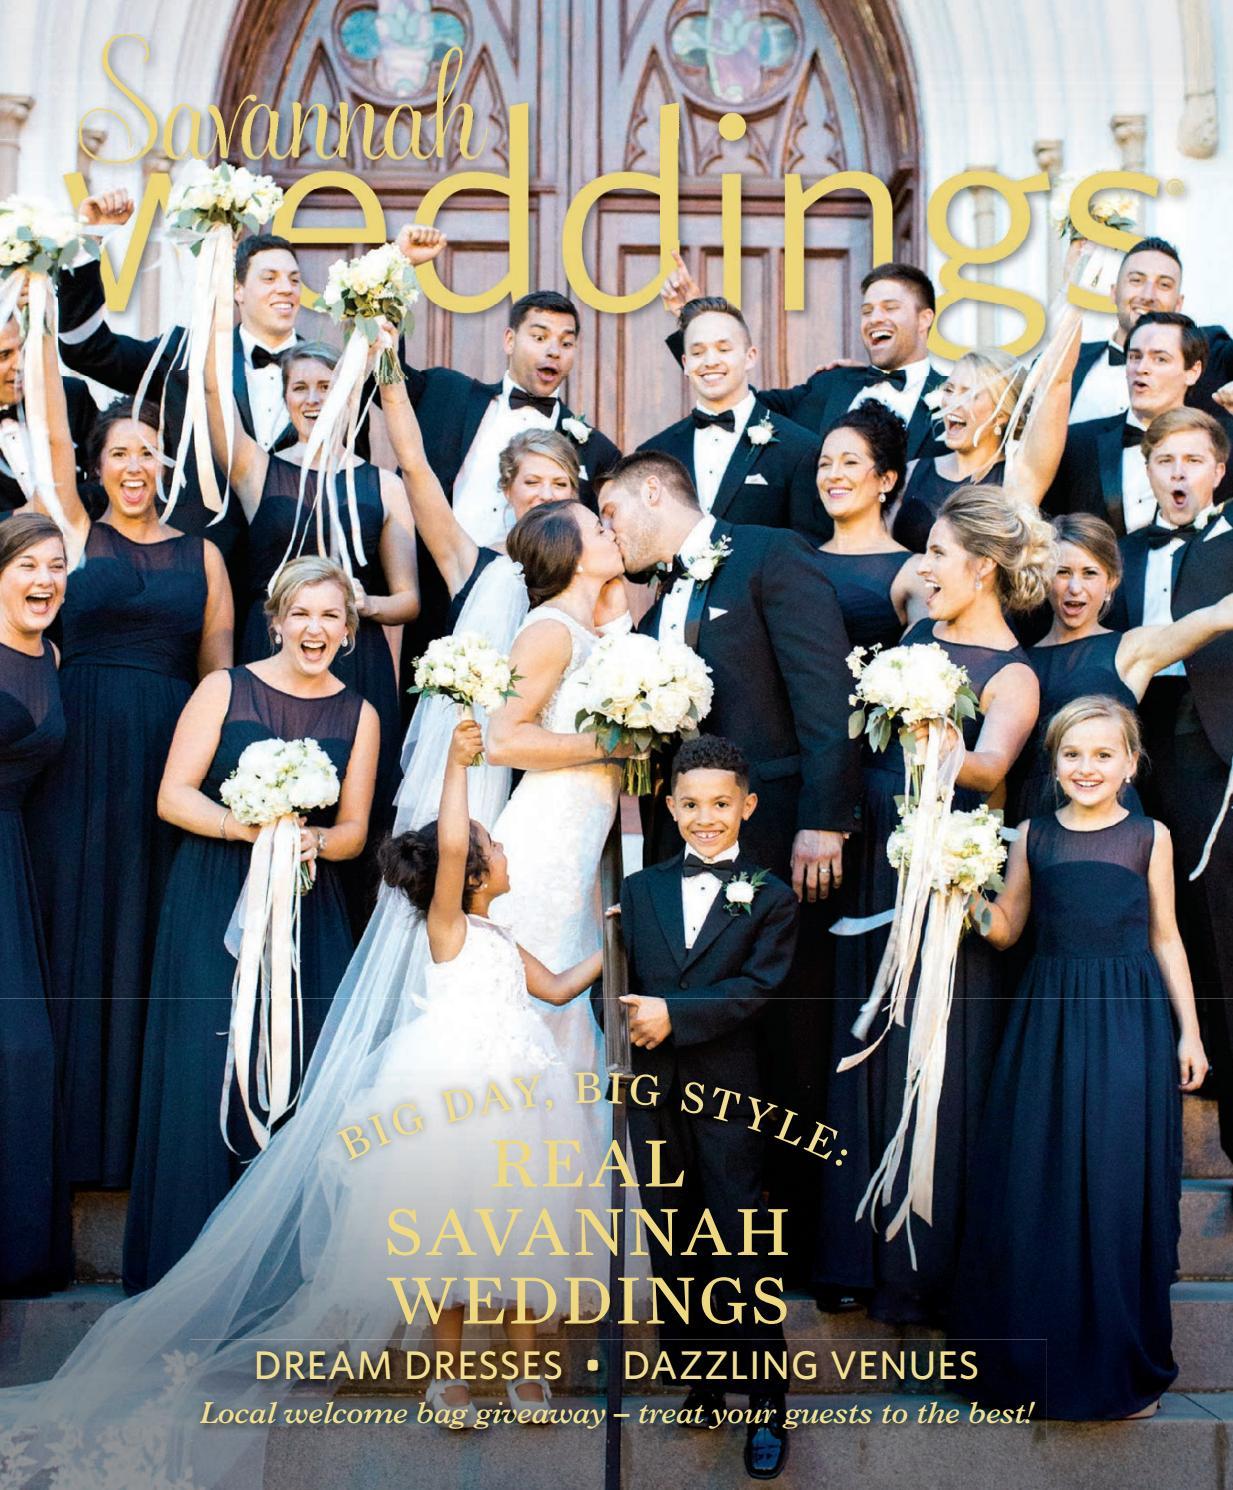 e26fb7da1f4 Savannah Weddings Magazine - Fall Winter 2017-2018 by Savannah ...